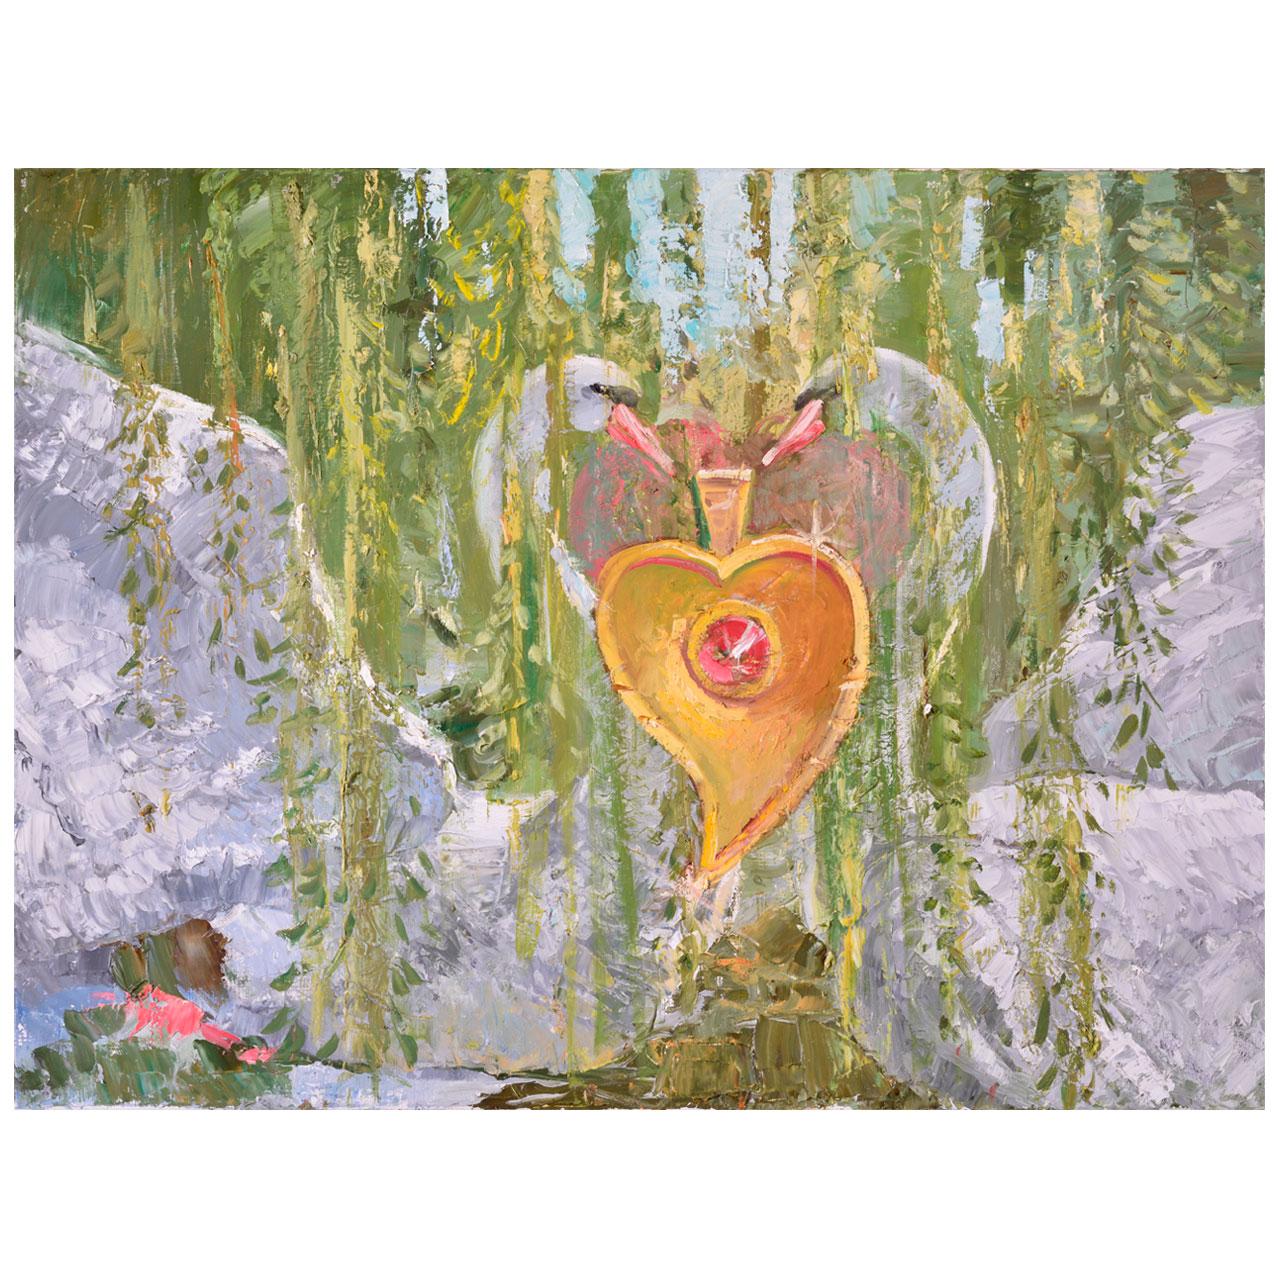 Картина Мехди Эбрагими Вафа «Сердце». Галерея искусств «Жуковка Арт»